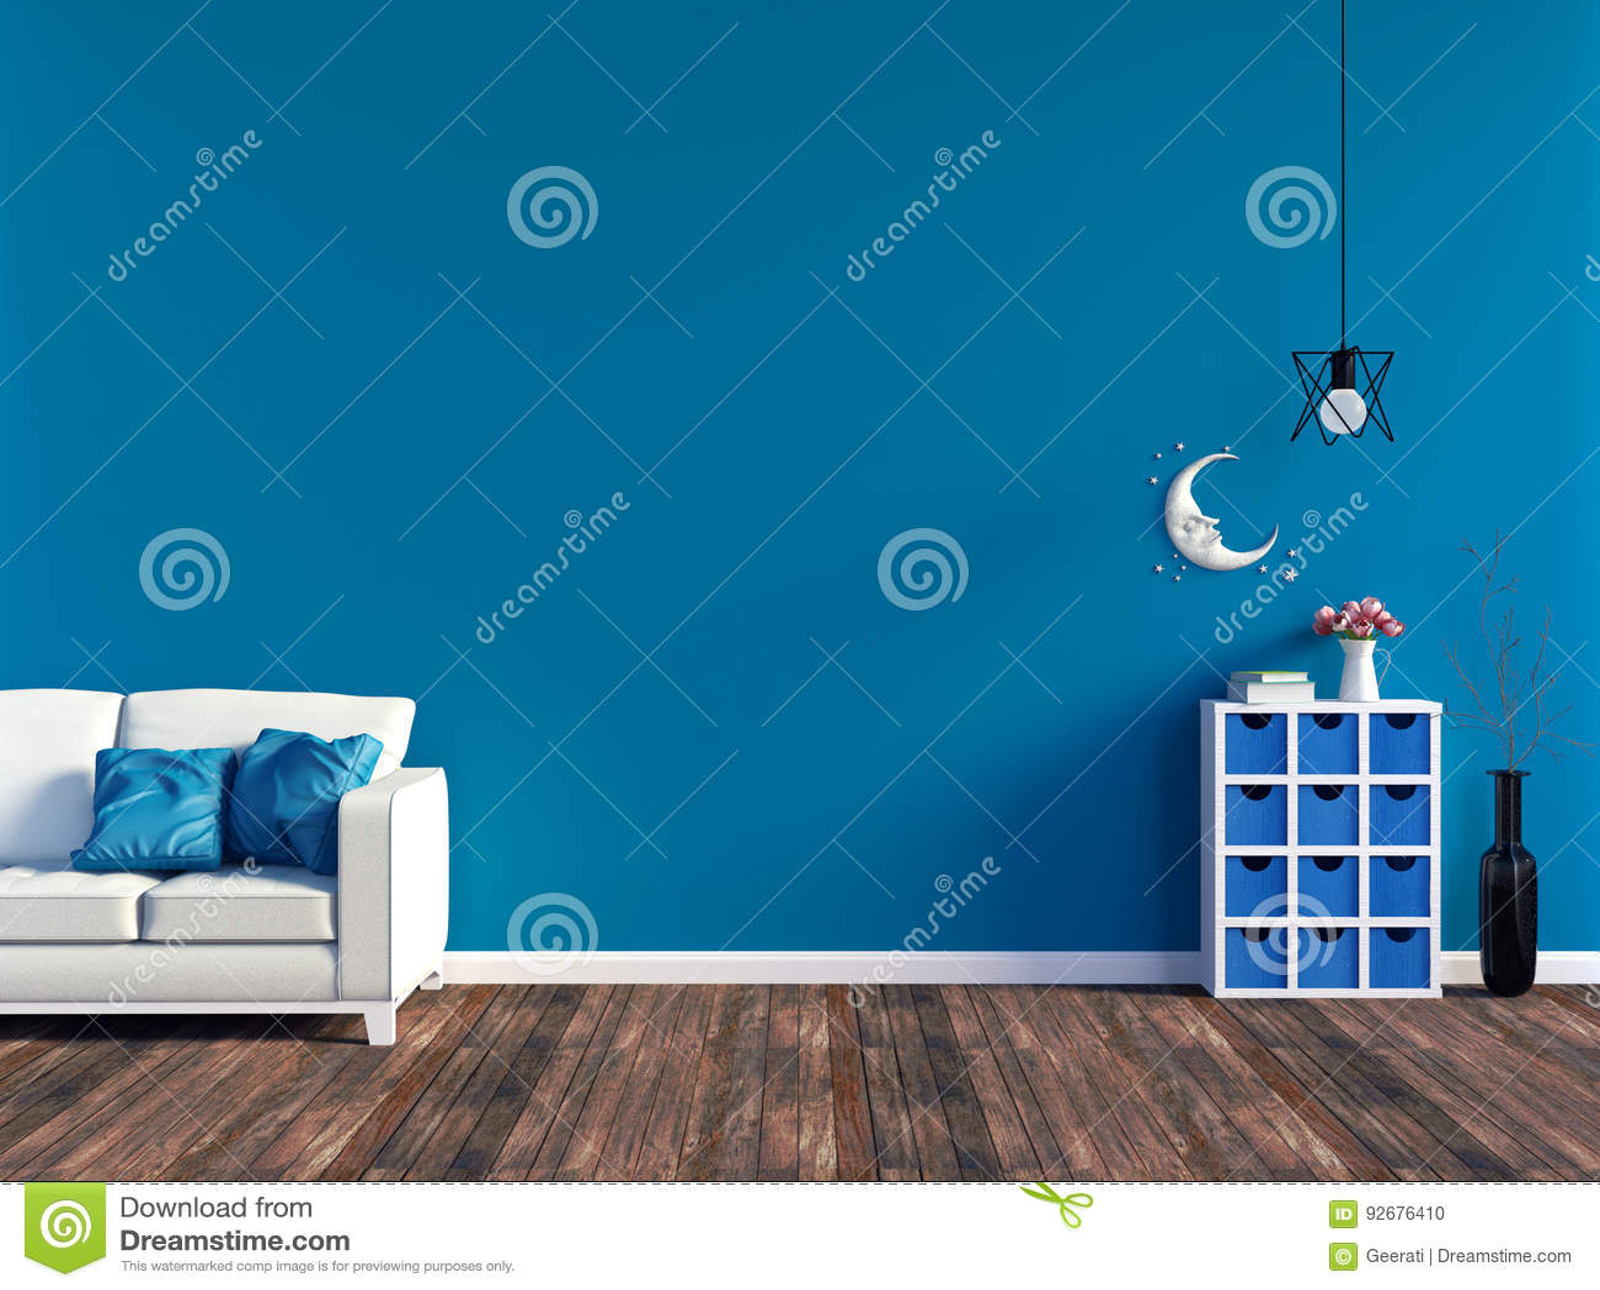 Moderner blauer Wohnzimmerinnenraum - Sofa des weißen Leders und blaue Wand mit Raum